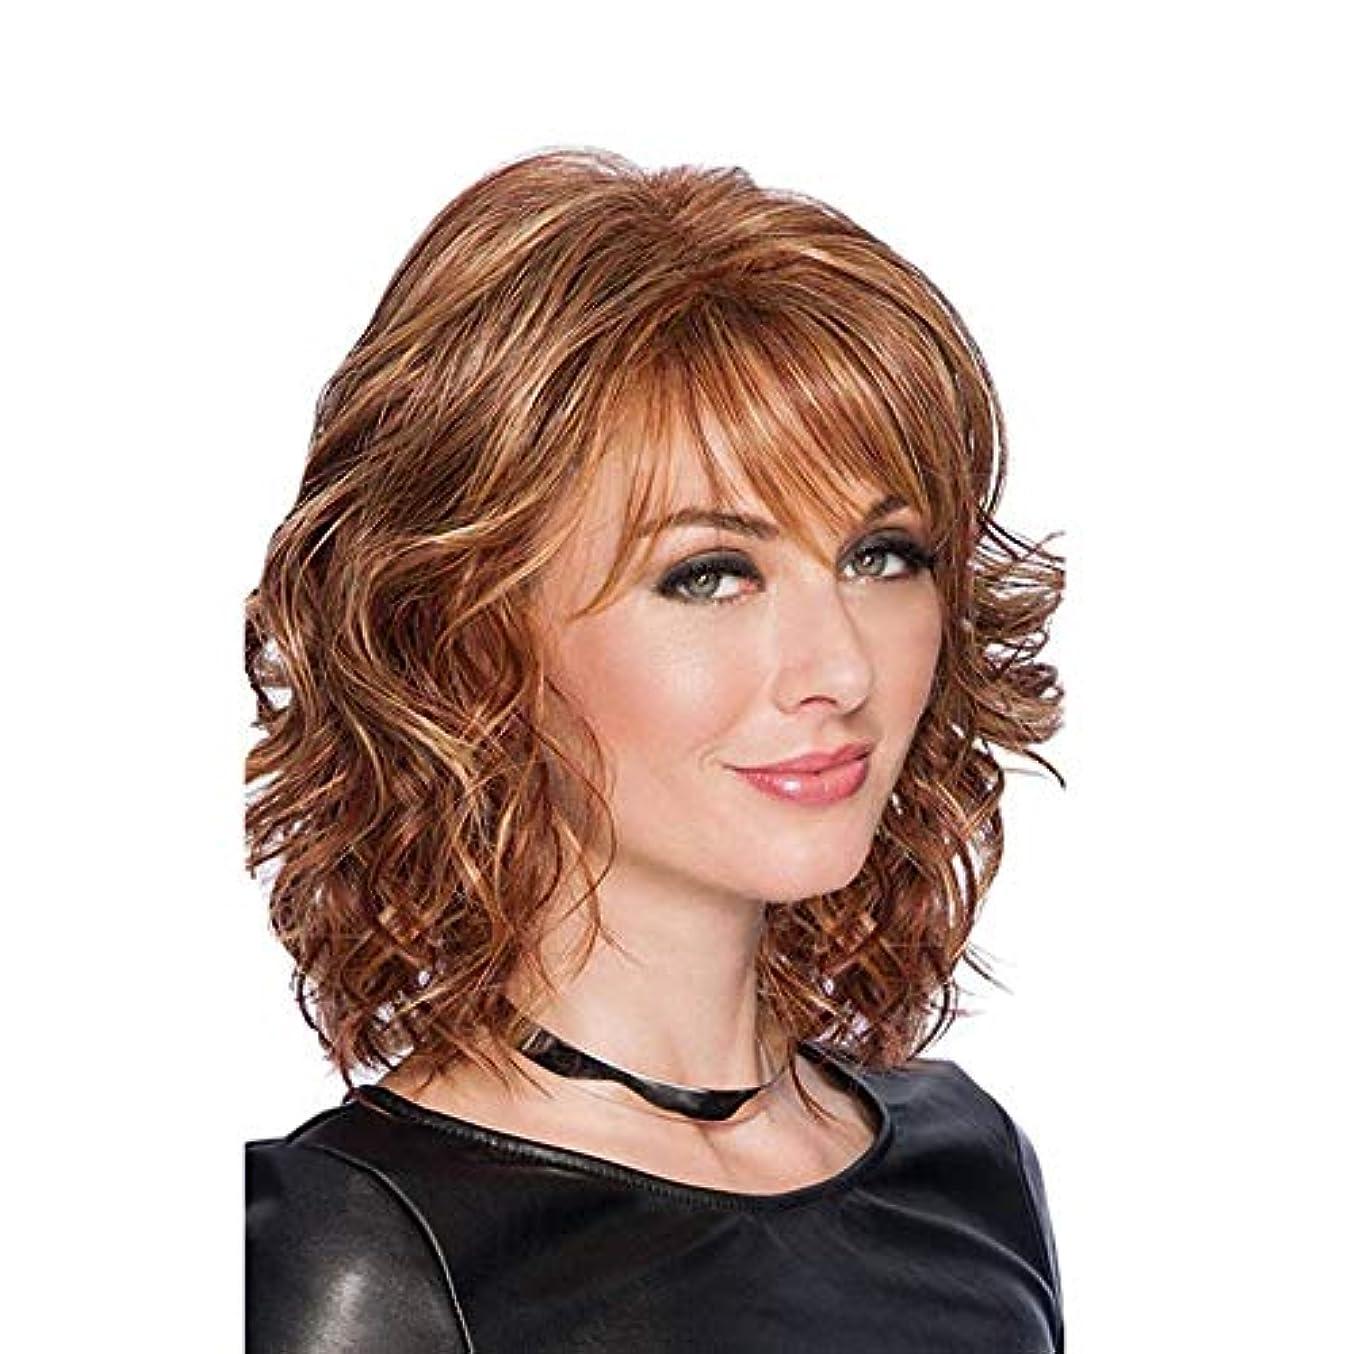 細い検閲メンタルWASAIO 女性の髪のかつらブラウンショートカーリーヘアーフルウィッグ (色 : ブラウン)